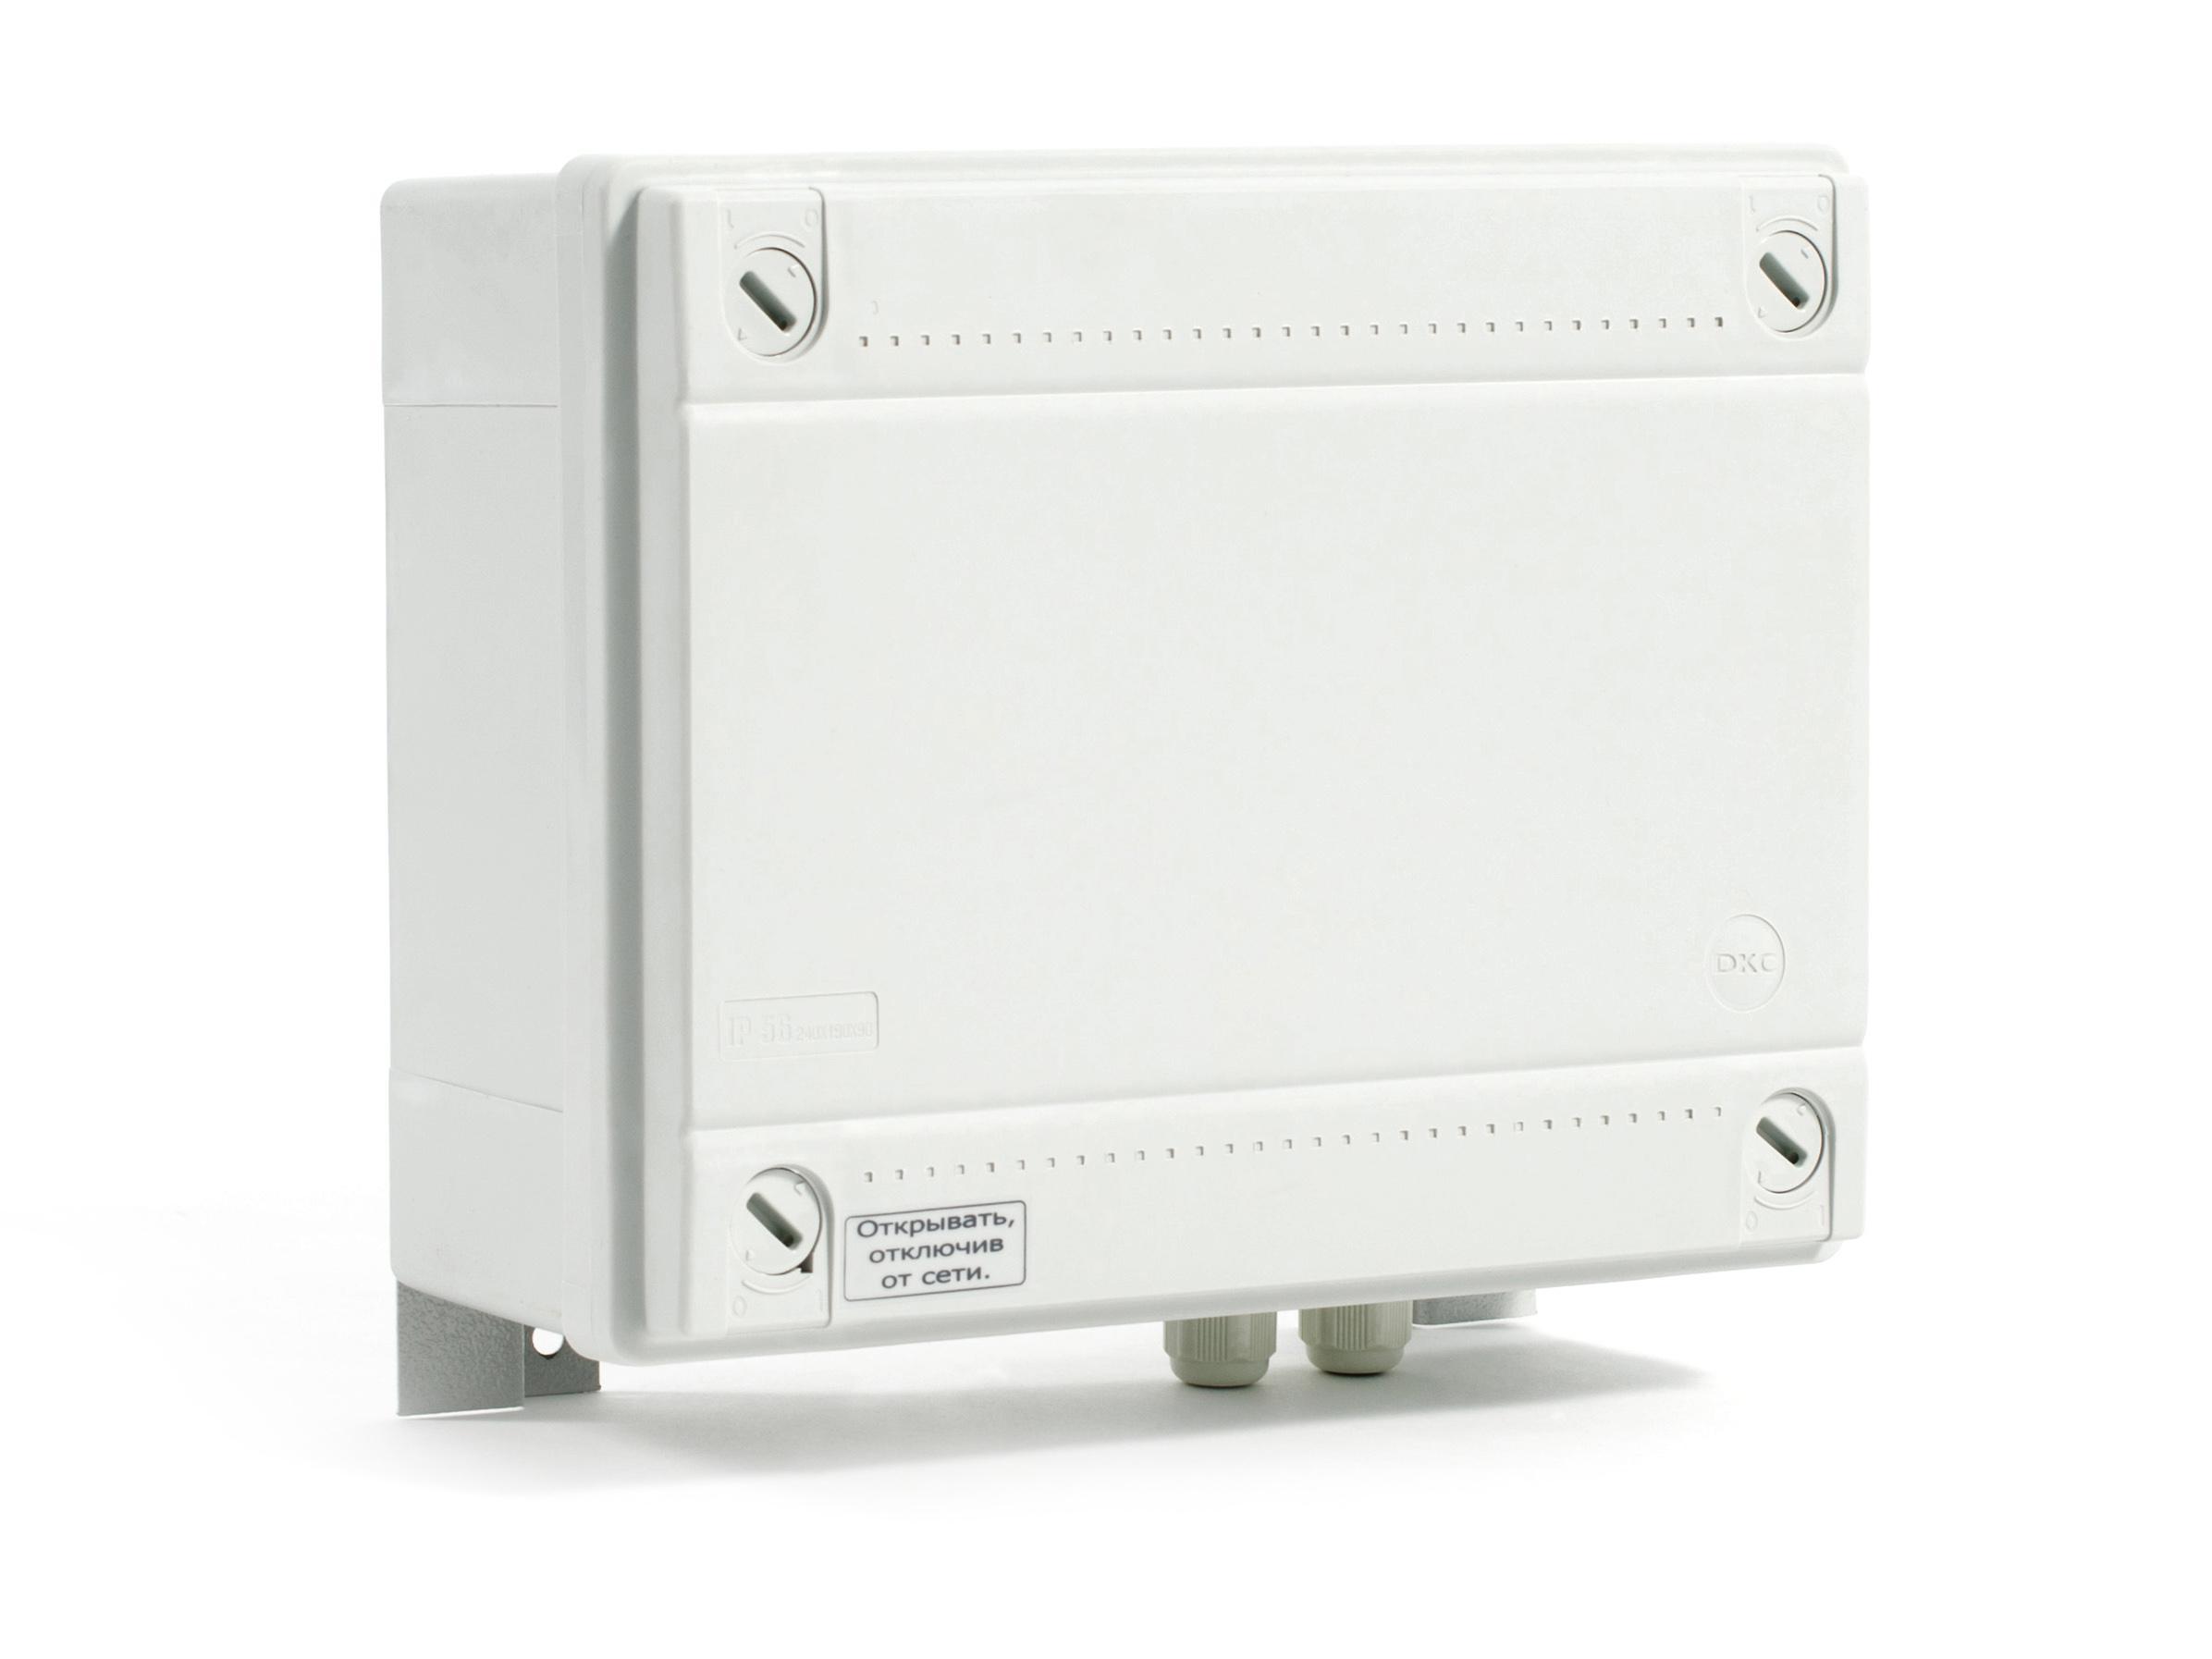 Стабилизатор Teplocom St – 1300 исп. 5 стабилизатор напряжения teplocom st 888 и для котла